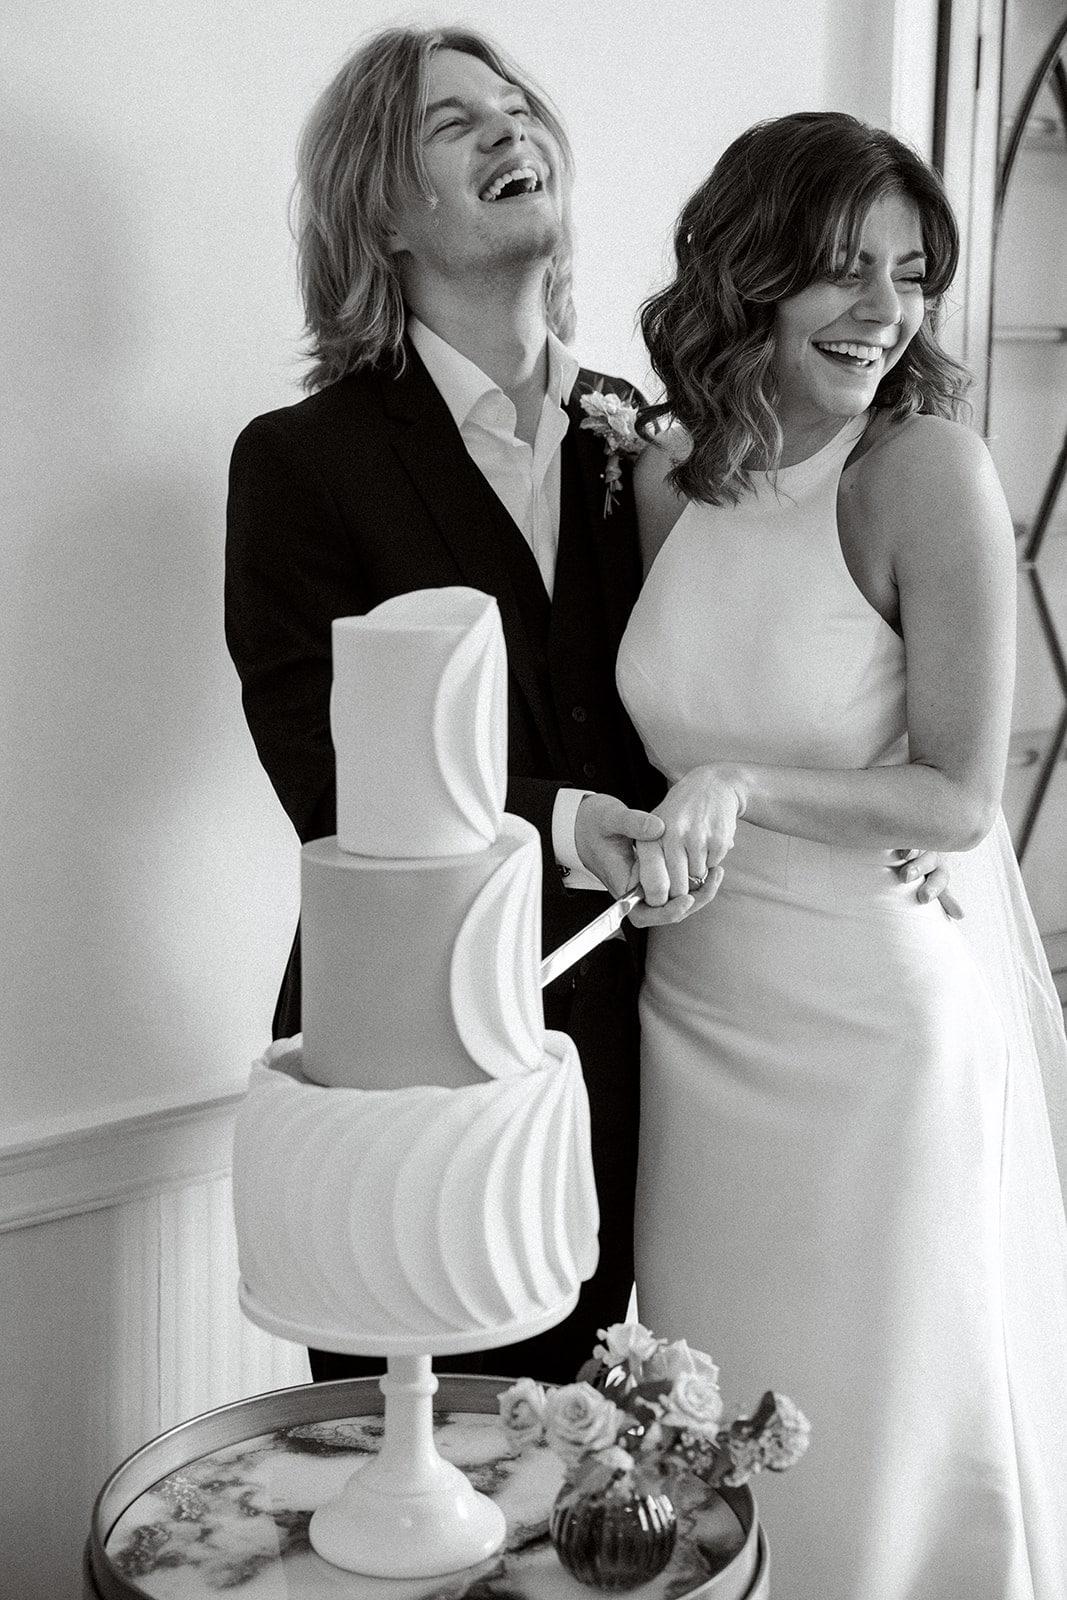 Lewes Wedding venue reception of cake cutting